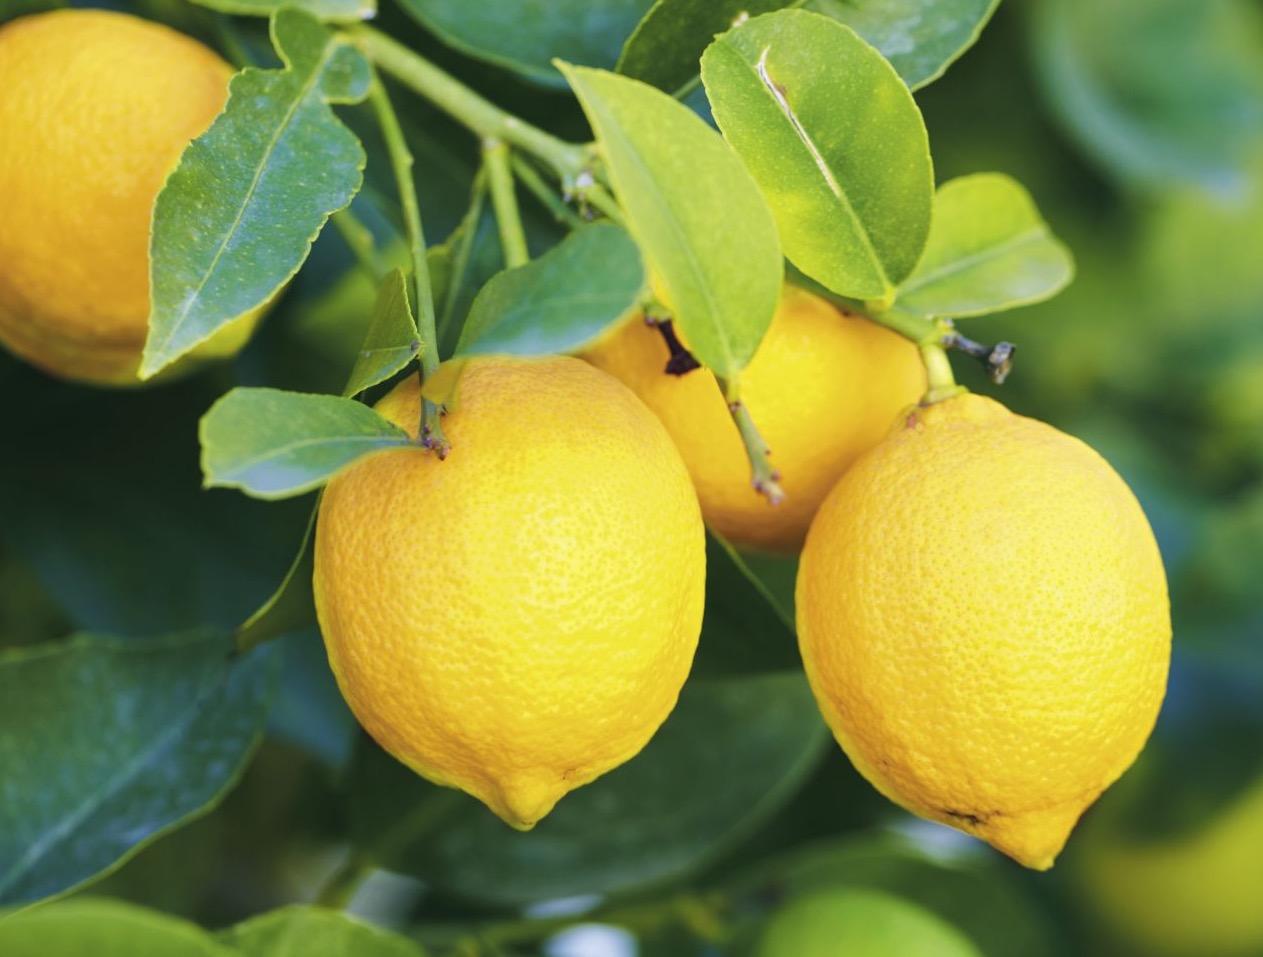 citronier great cochenille sur citronnier cochenille sur citronnier cochenille sur citronnier. Black Bedroom Furniture Sets. Home Design Ideas